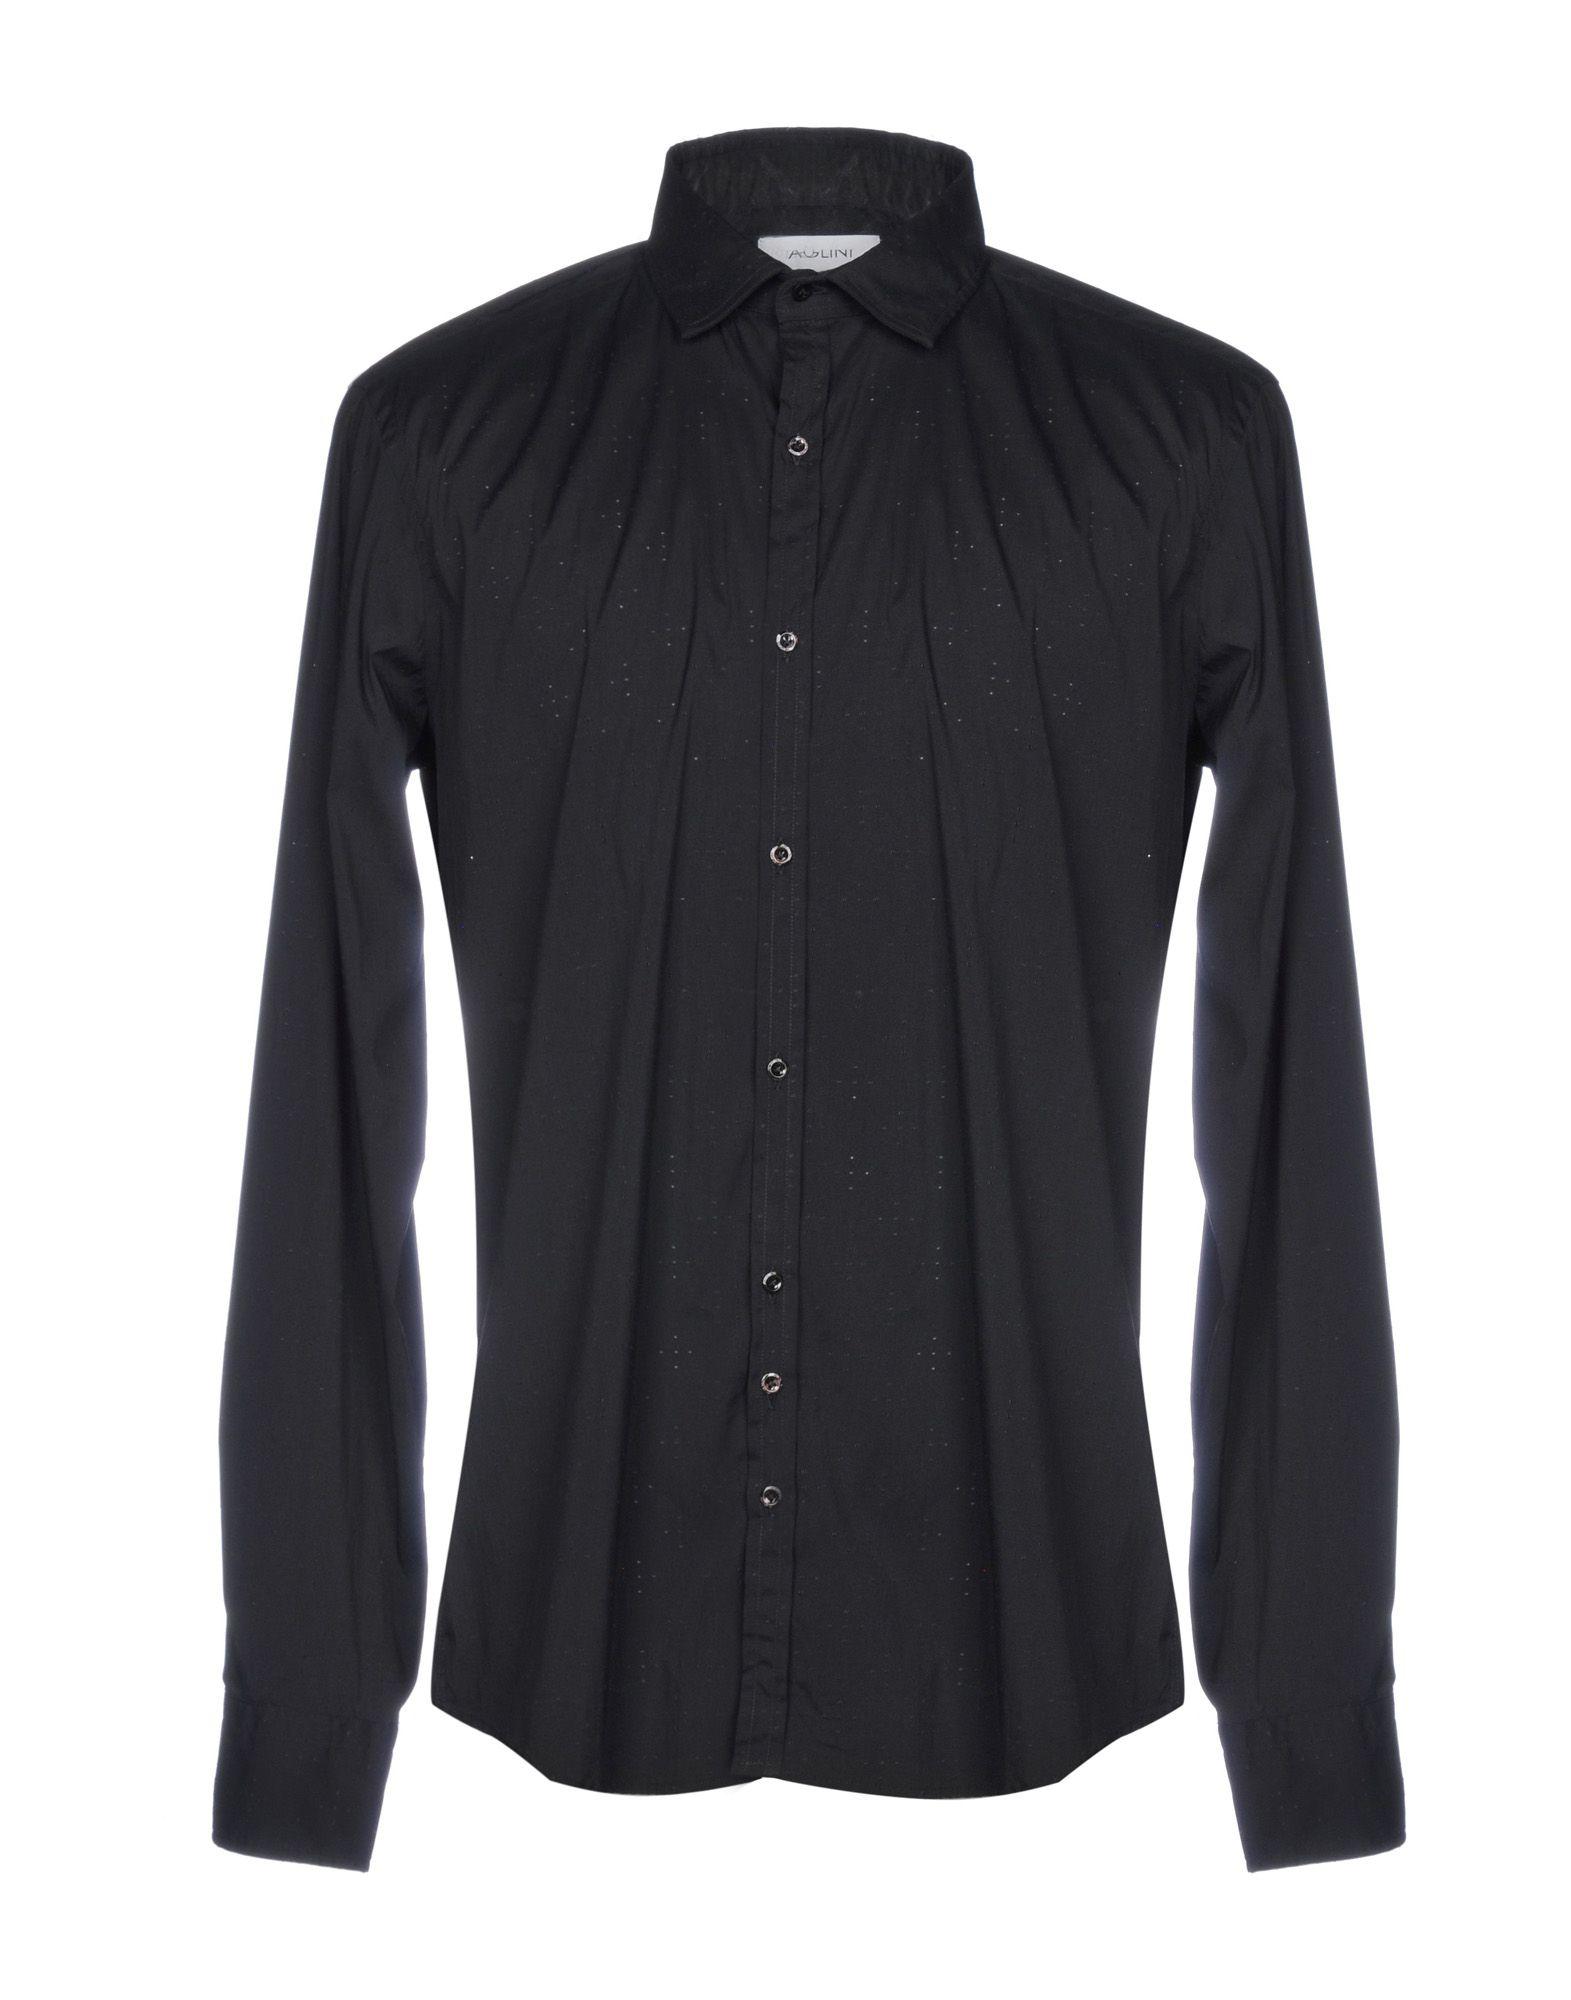 《送料無料》AGLINI メンズ シャツ ブラック XL コットン 100%